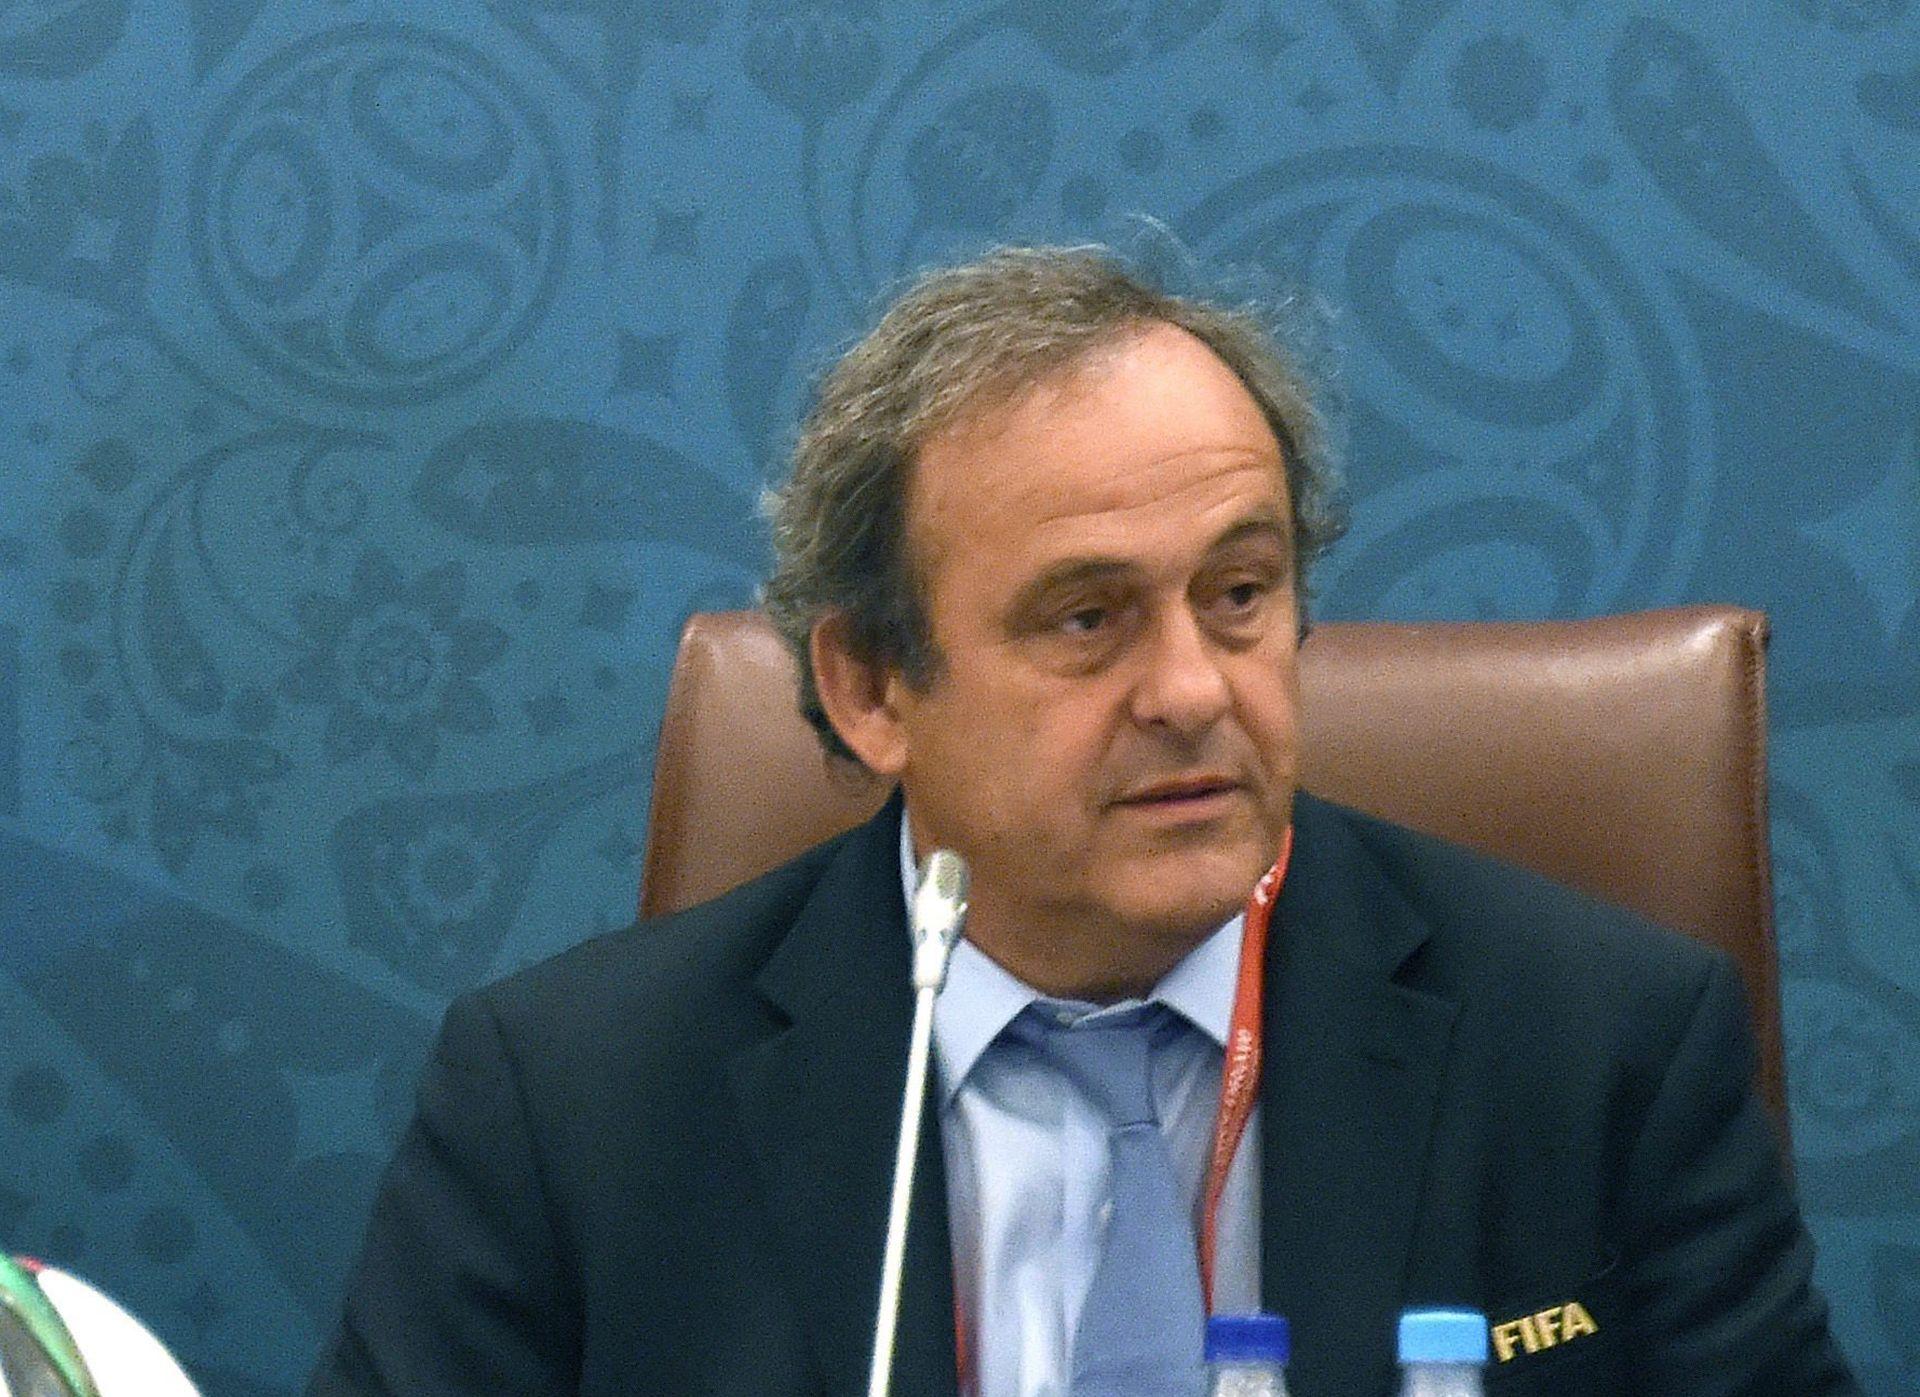 SKANDAL U FIFA-I Platini nije samo svjedok u slučaju protiv Seppa Blattera?